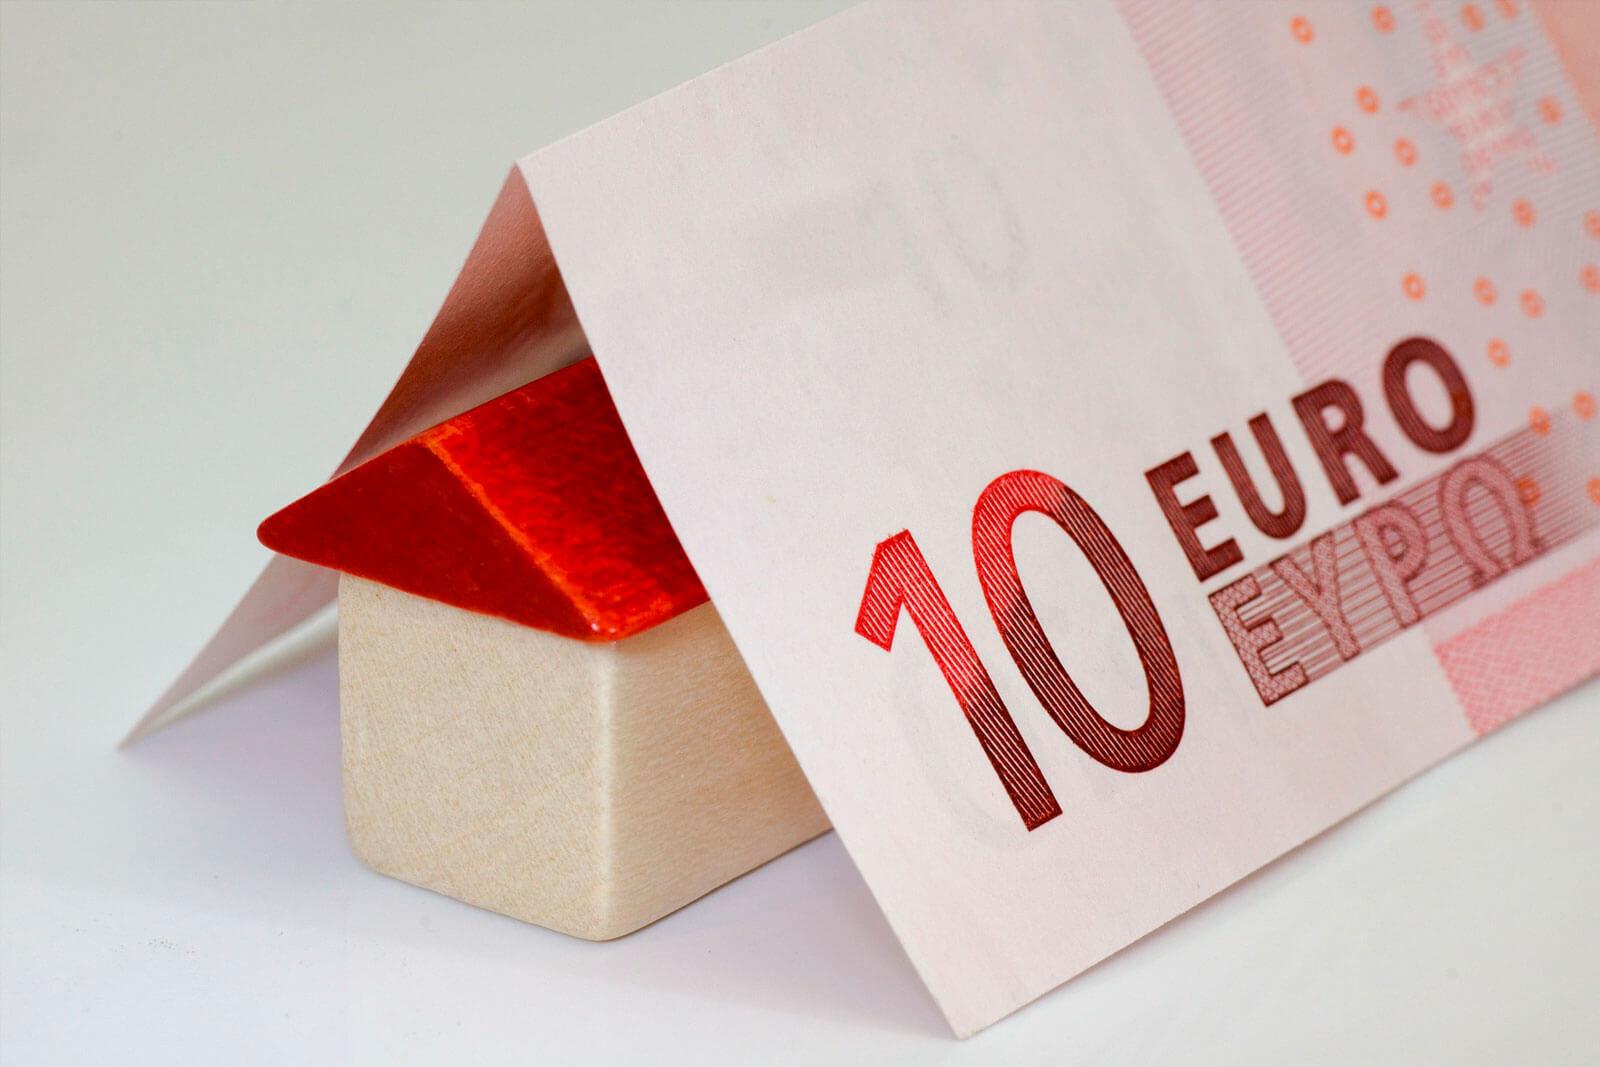 Impuesto de Actos Jurídicos Documentados en las hipotecas